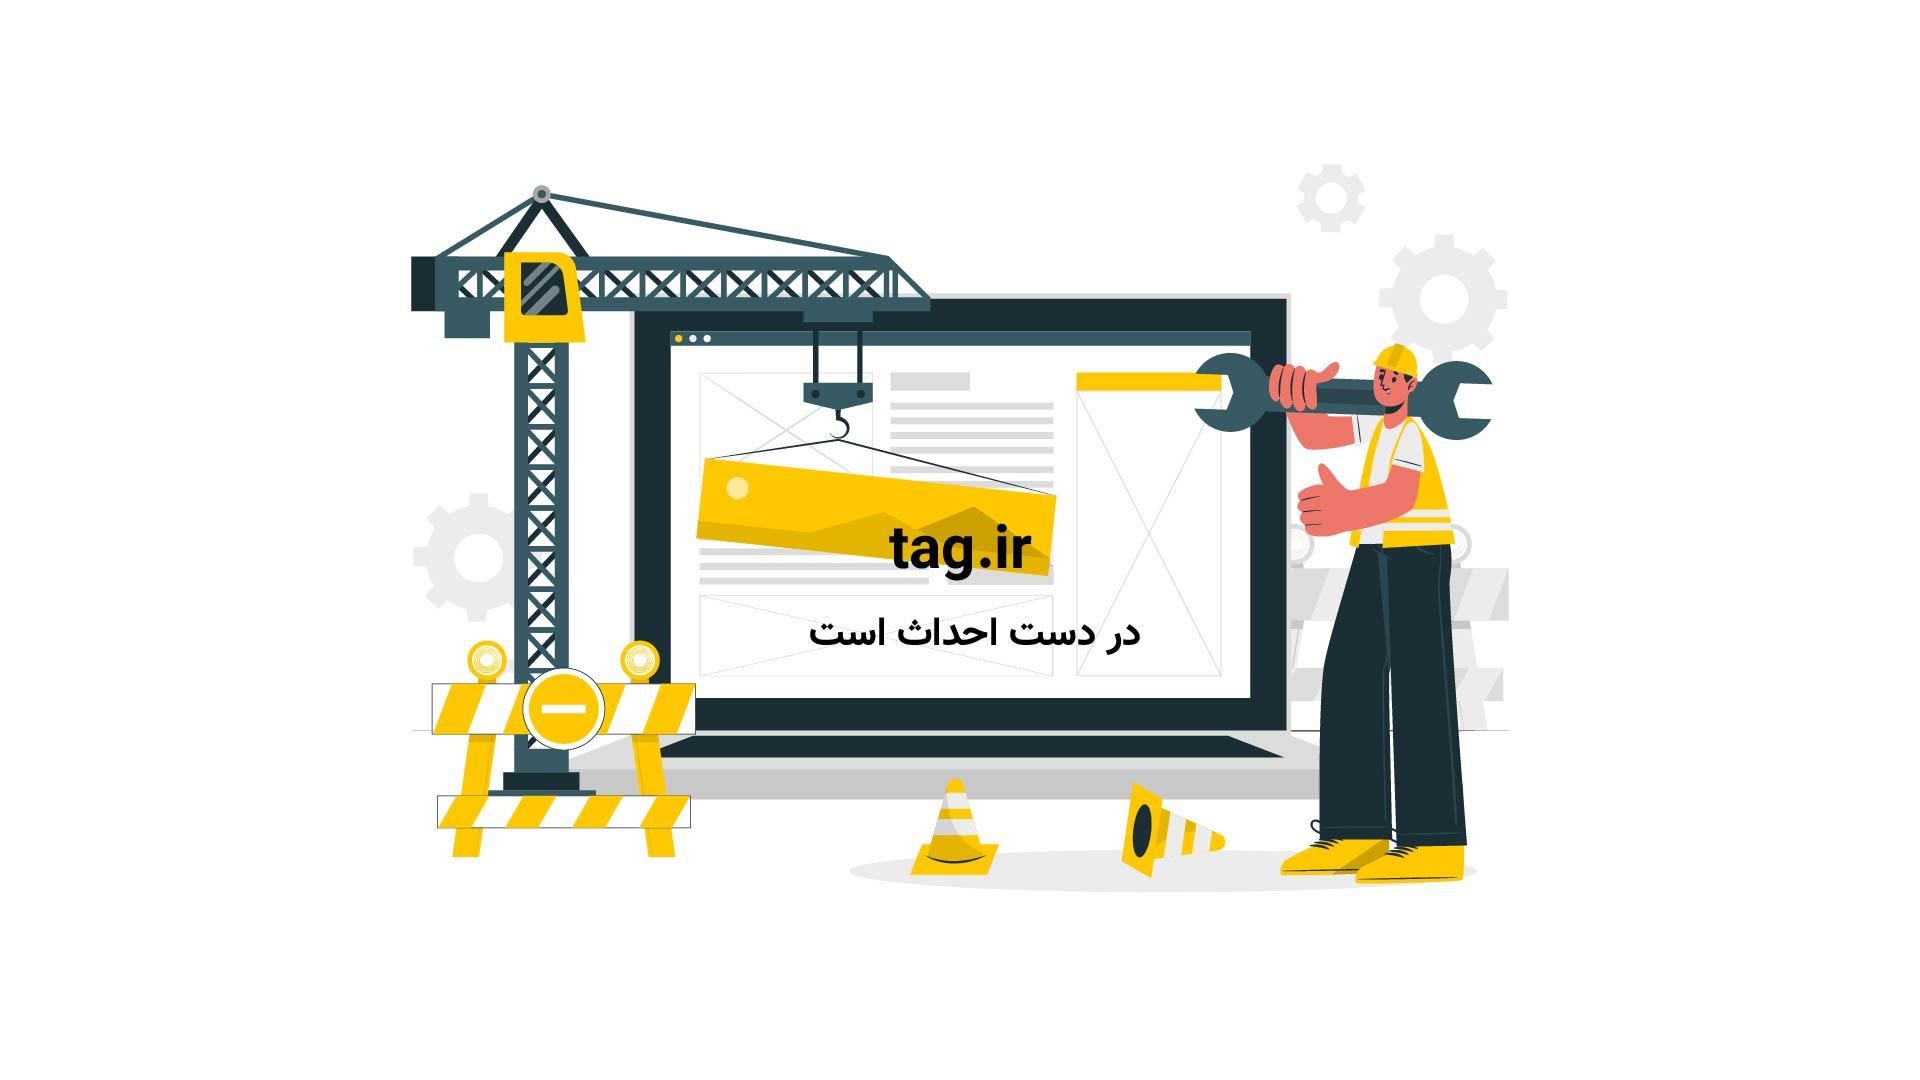 حمام تاریخی قجر در شهر قزوین | فیلم